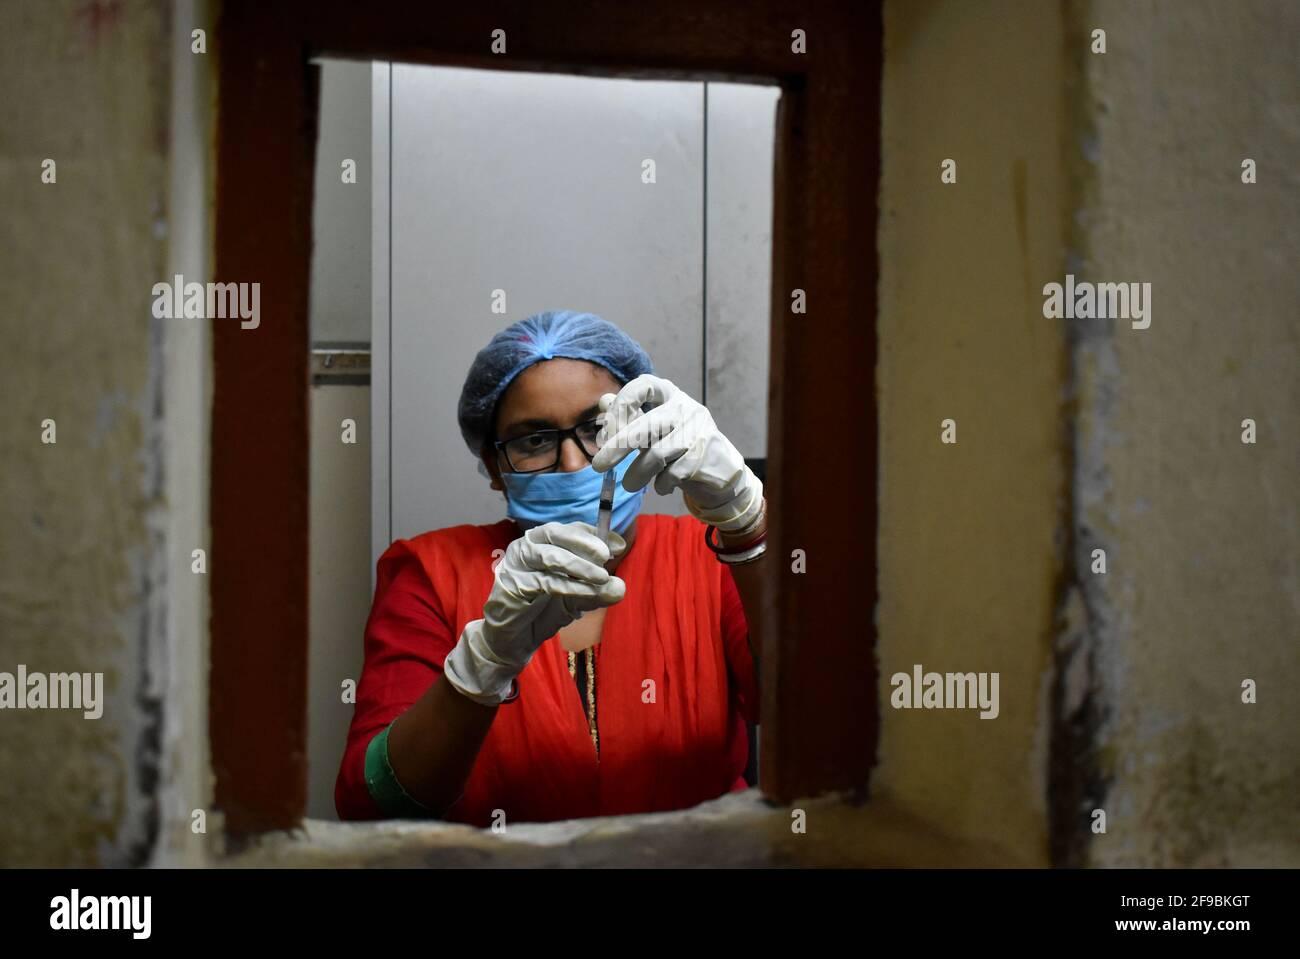 Kolkata, India. 17 Apr 2021. Un operatore sanitario prepara un vaccino COVAXIN, in un campo di vaccinazione nel Bengala occidentale Stato Centro sanitario a Kolkata. (Foto di Sudipta Das/Pacific Press) Credit: Pacific Press Media Production Corp./Alamy Live News Foto Stock